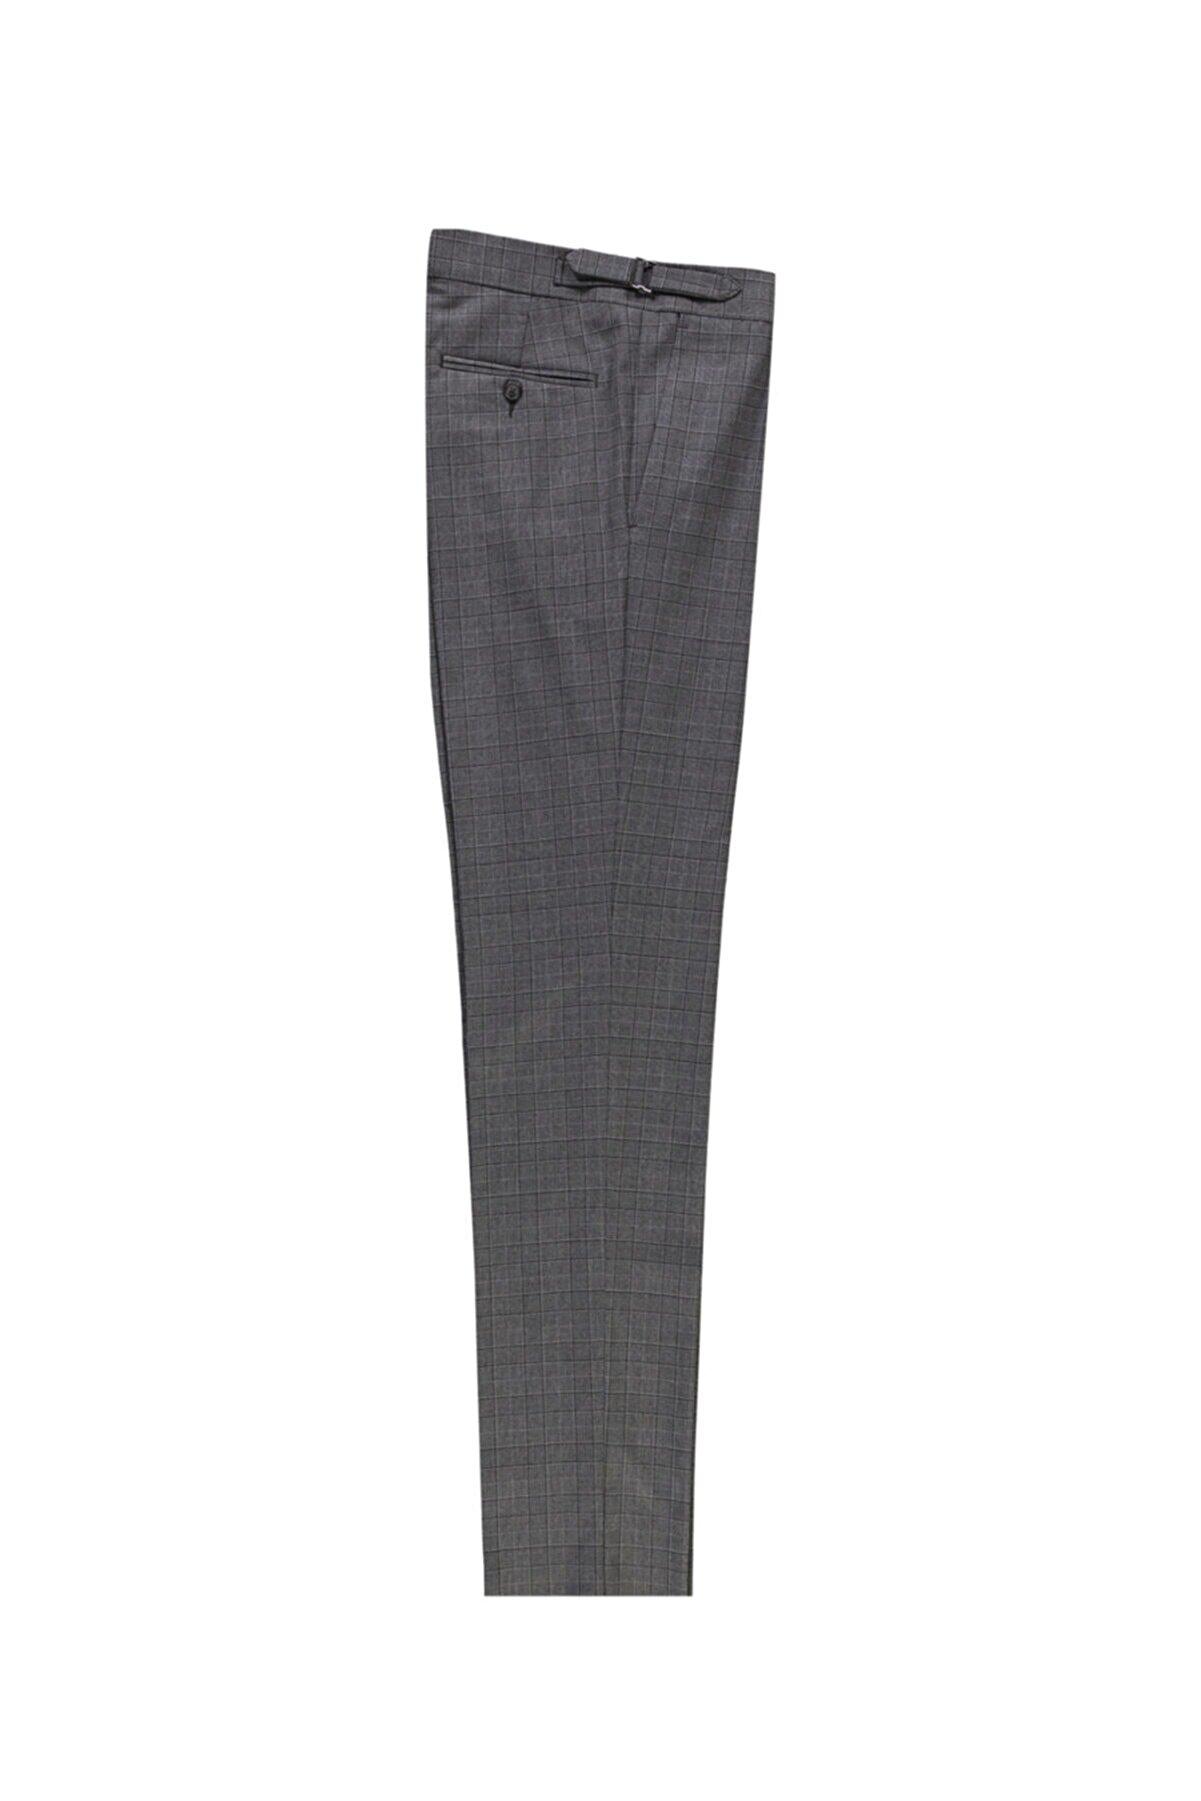 Kiğılı Slim Fit Yünlü Tokalı Pileli Klasik Pantolon